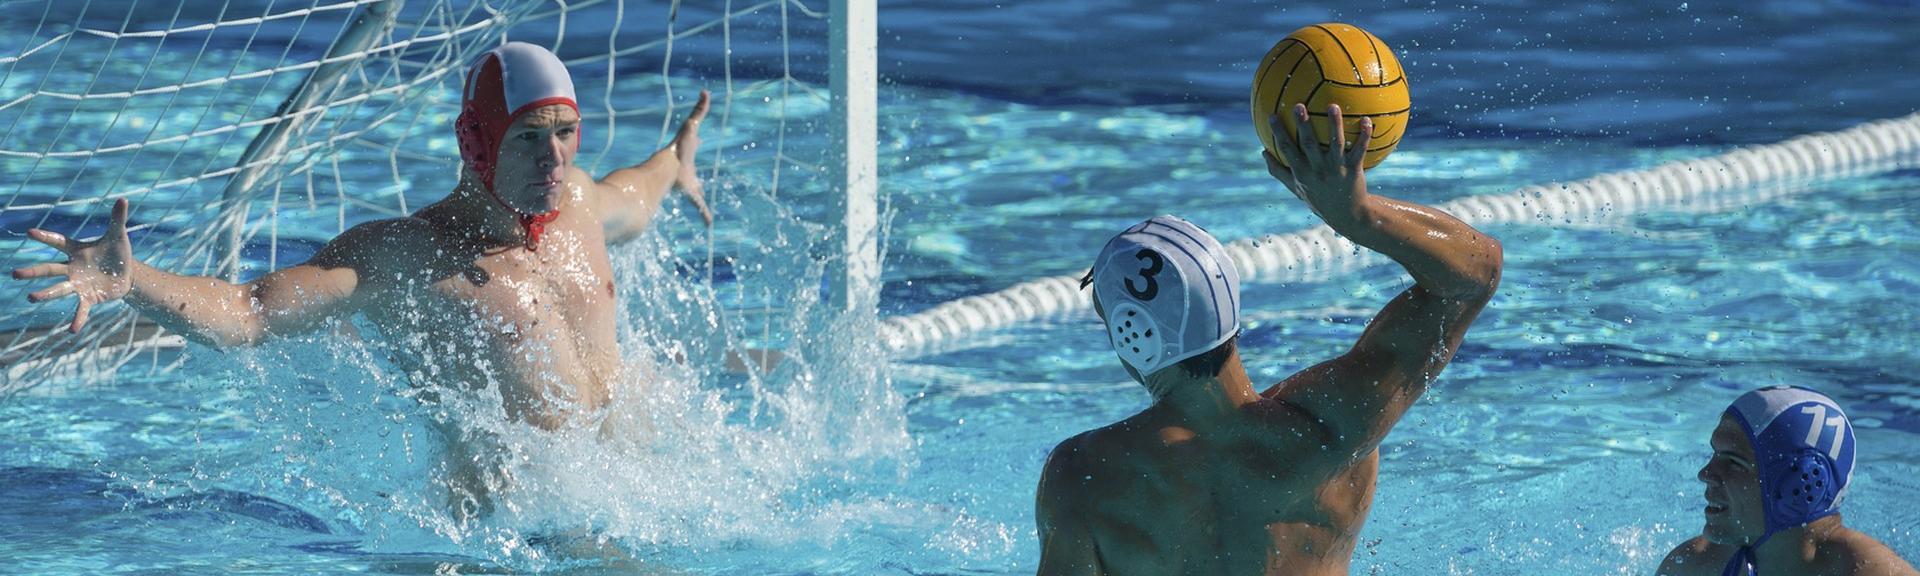 Le water-polo, quels bénéfices pour la santé ?